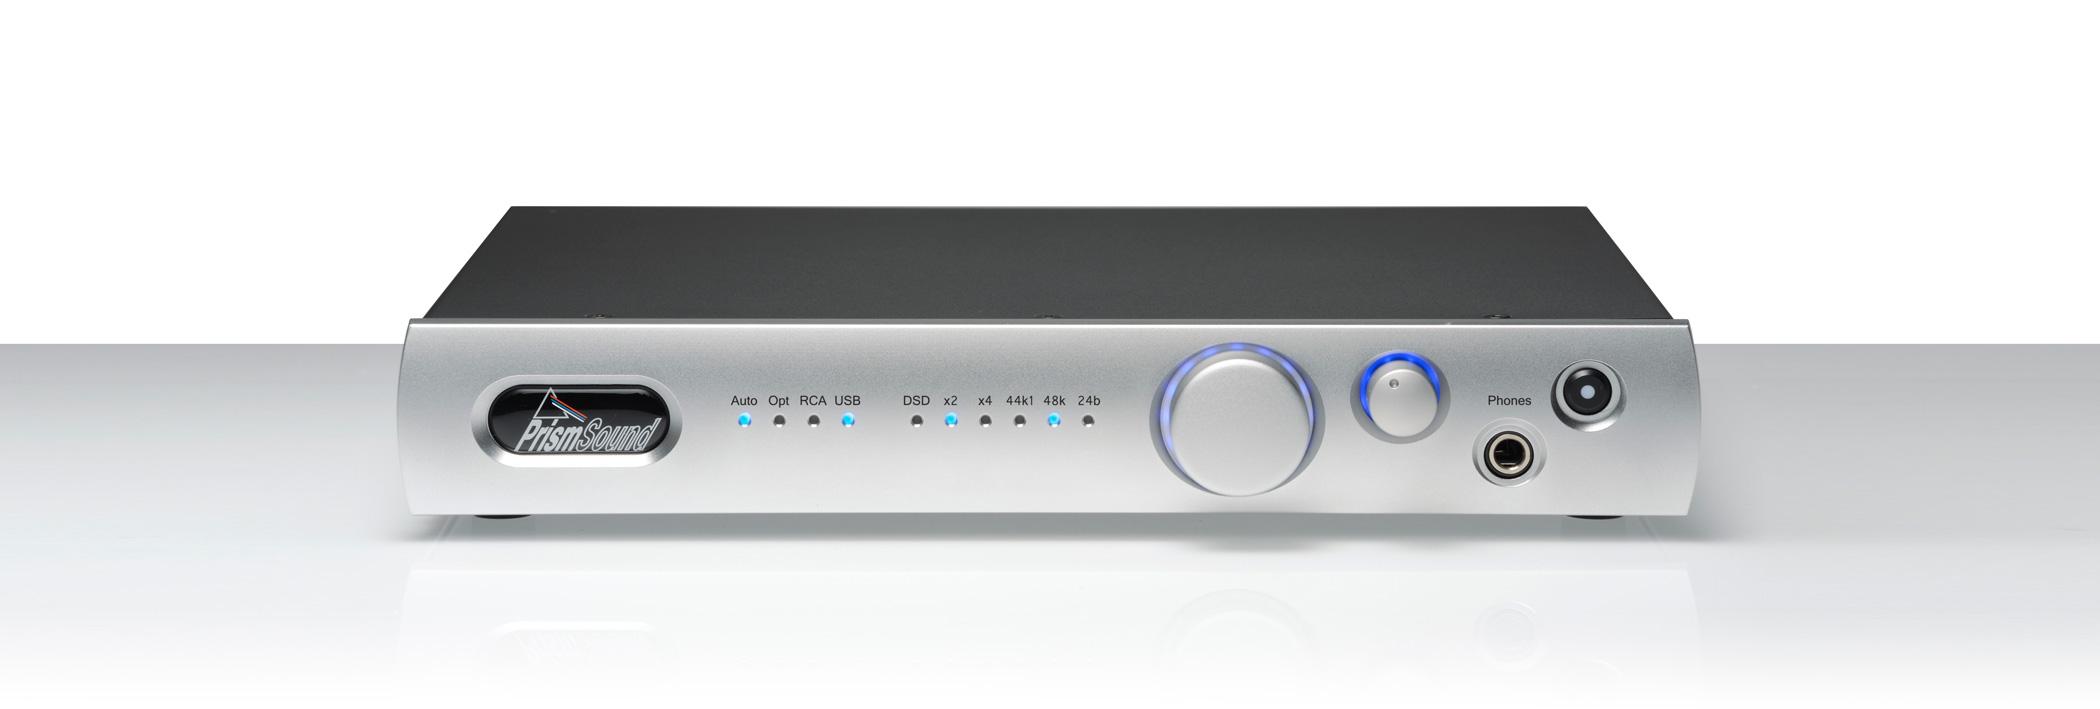 Prism Audio Callia DAC / Pre / Headphone amp : care-audio com